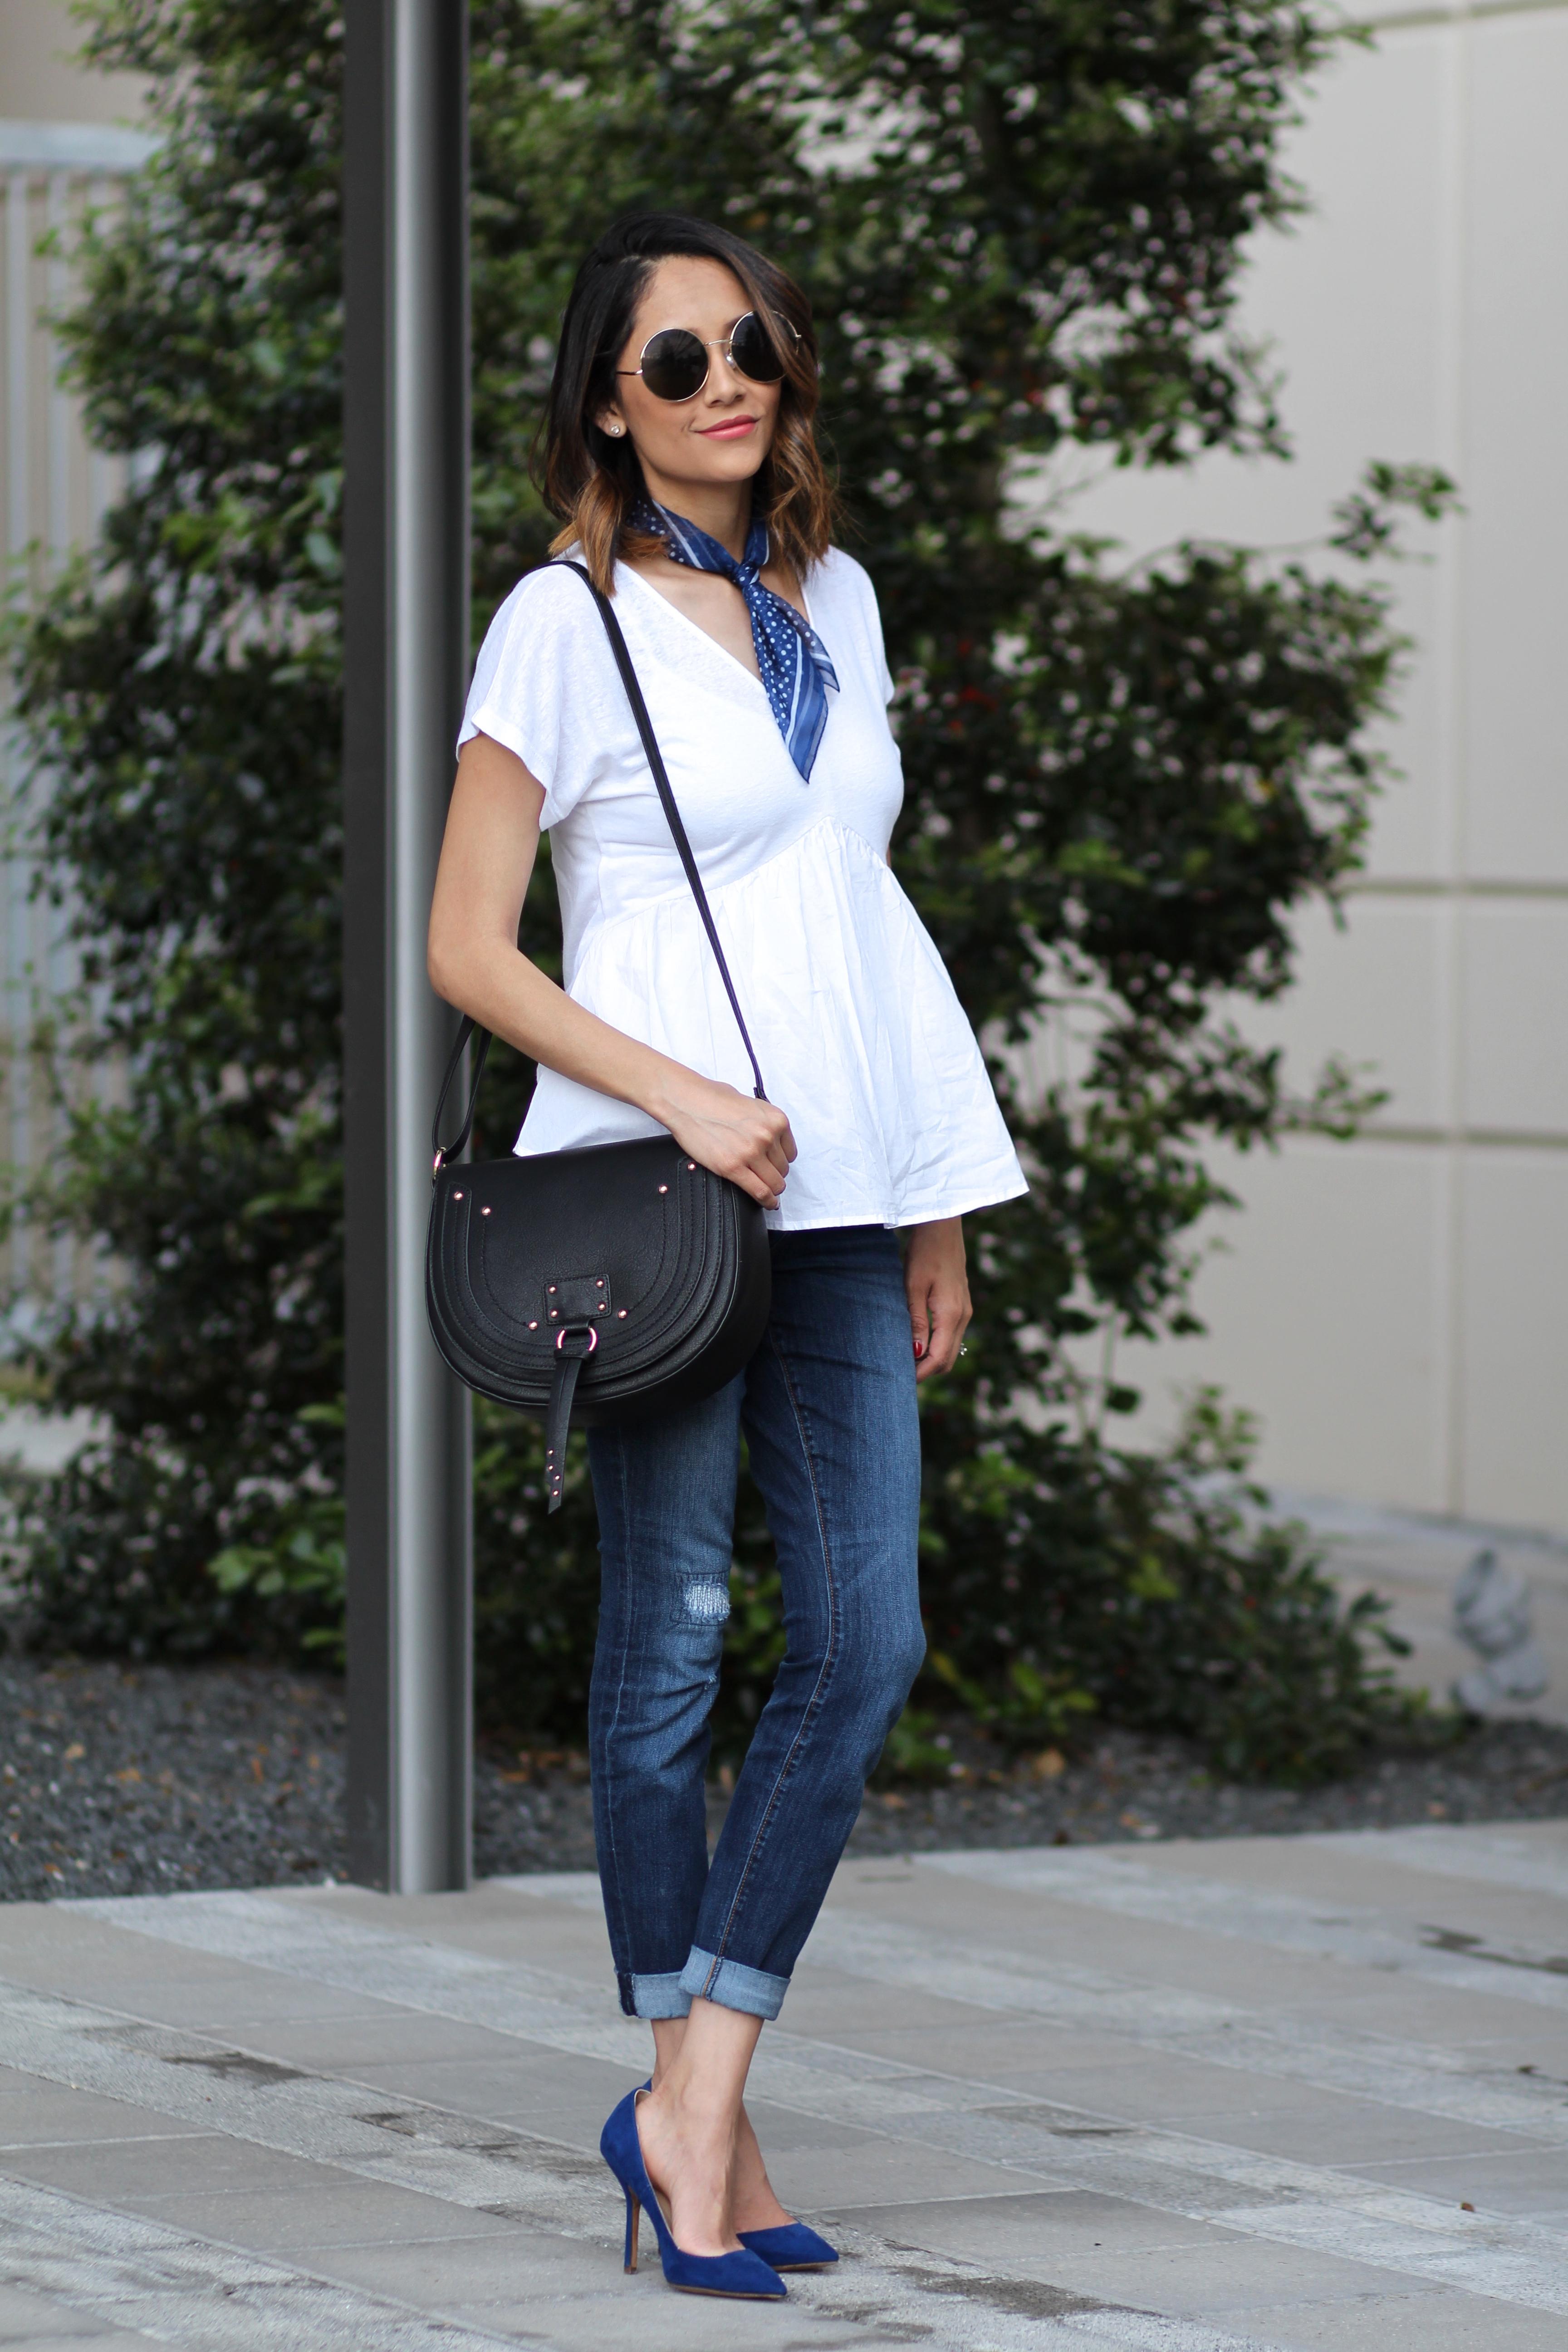 designer inspired handbag, blue pumps, blue neckerchief and flounce top